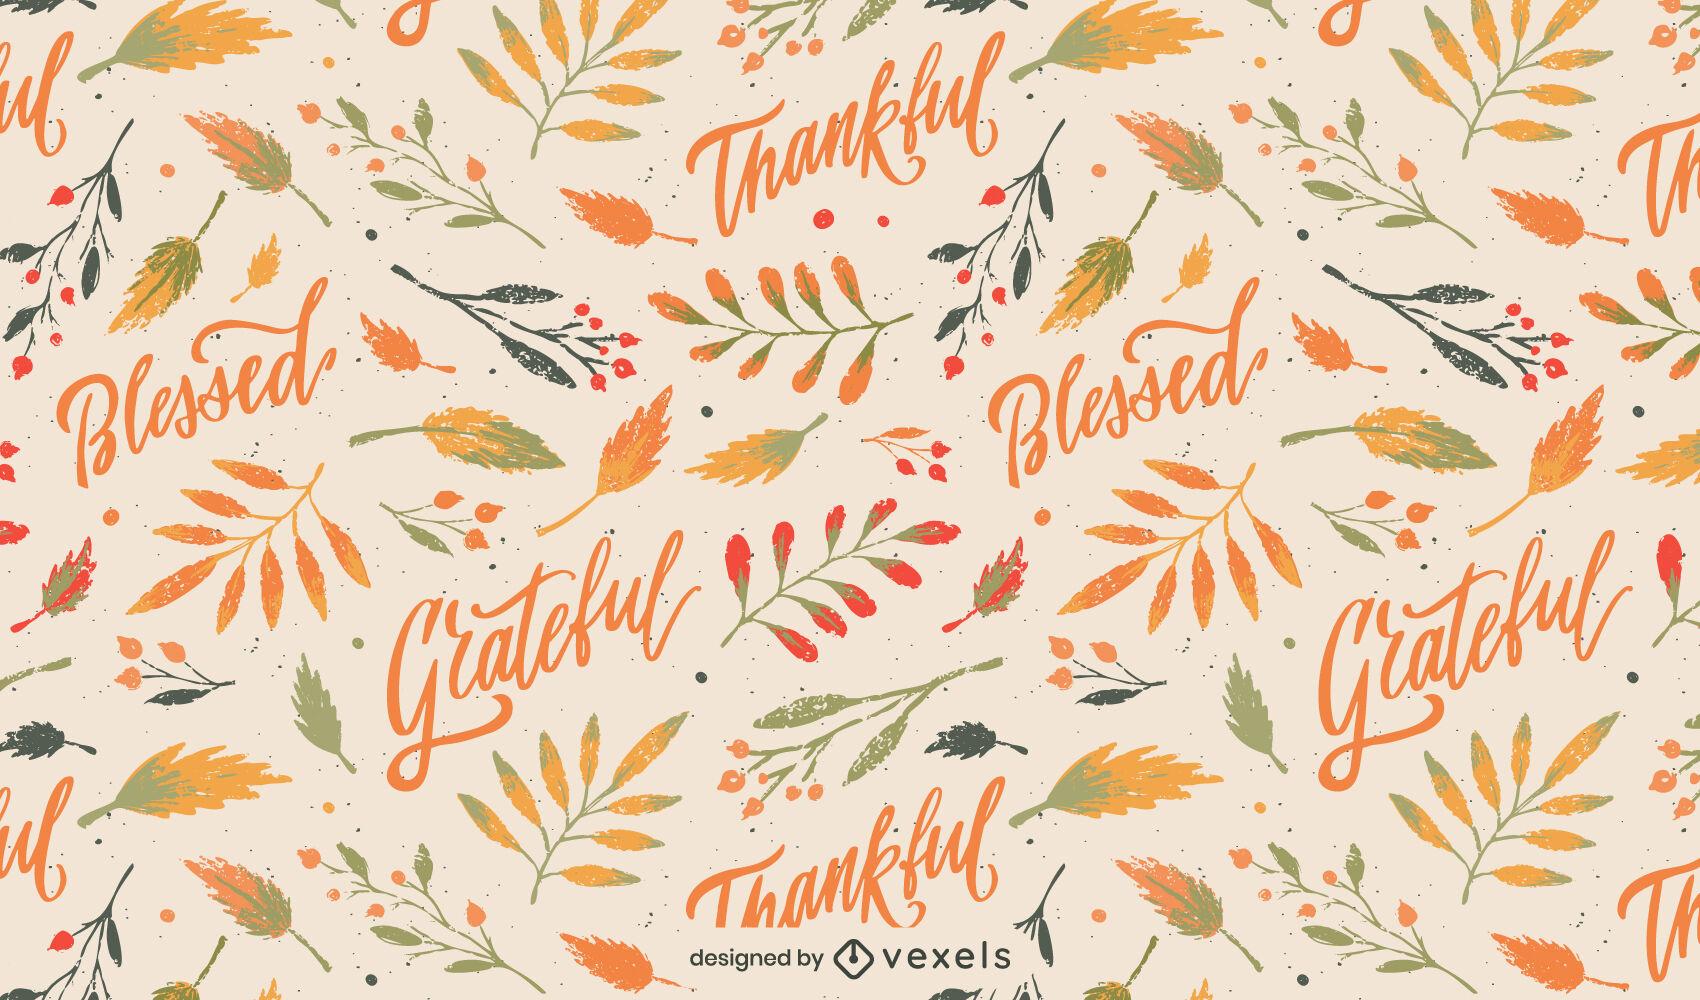 Thanksgiving-Schriftzug Natur-Muster-Design